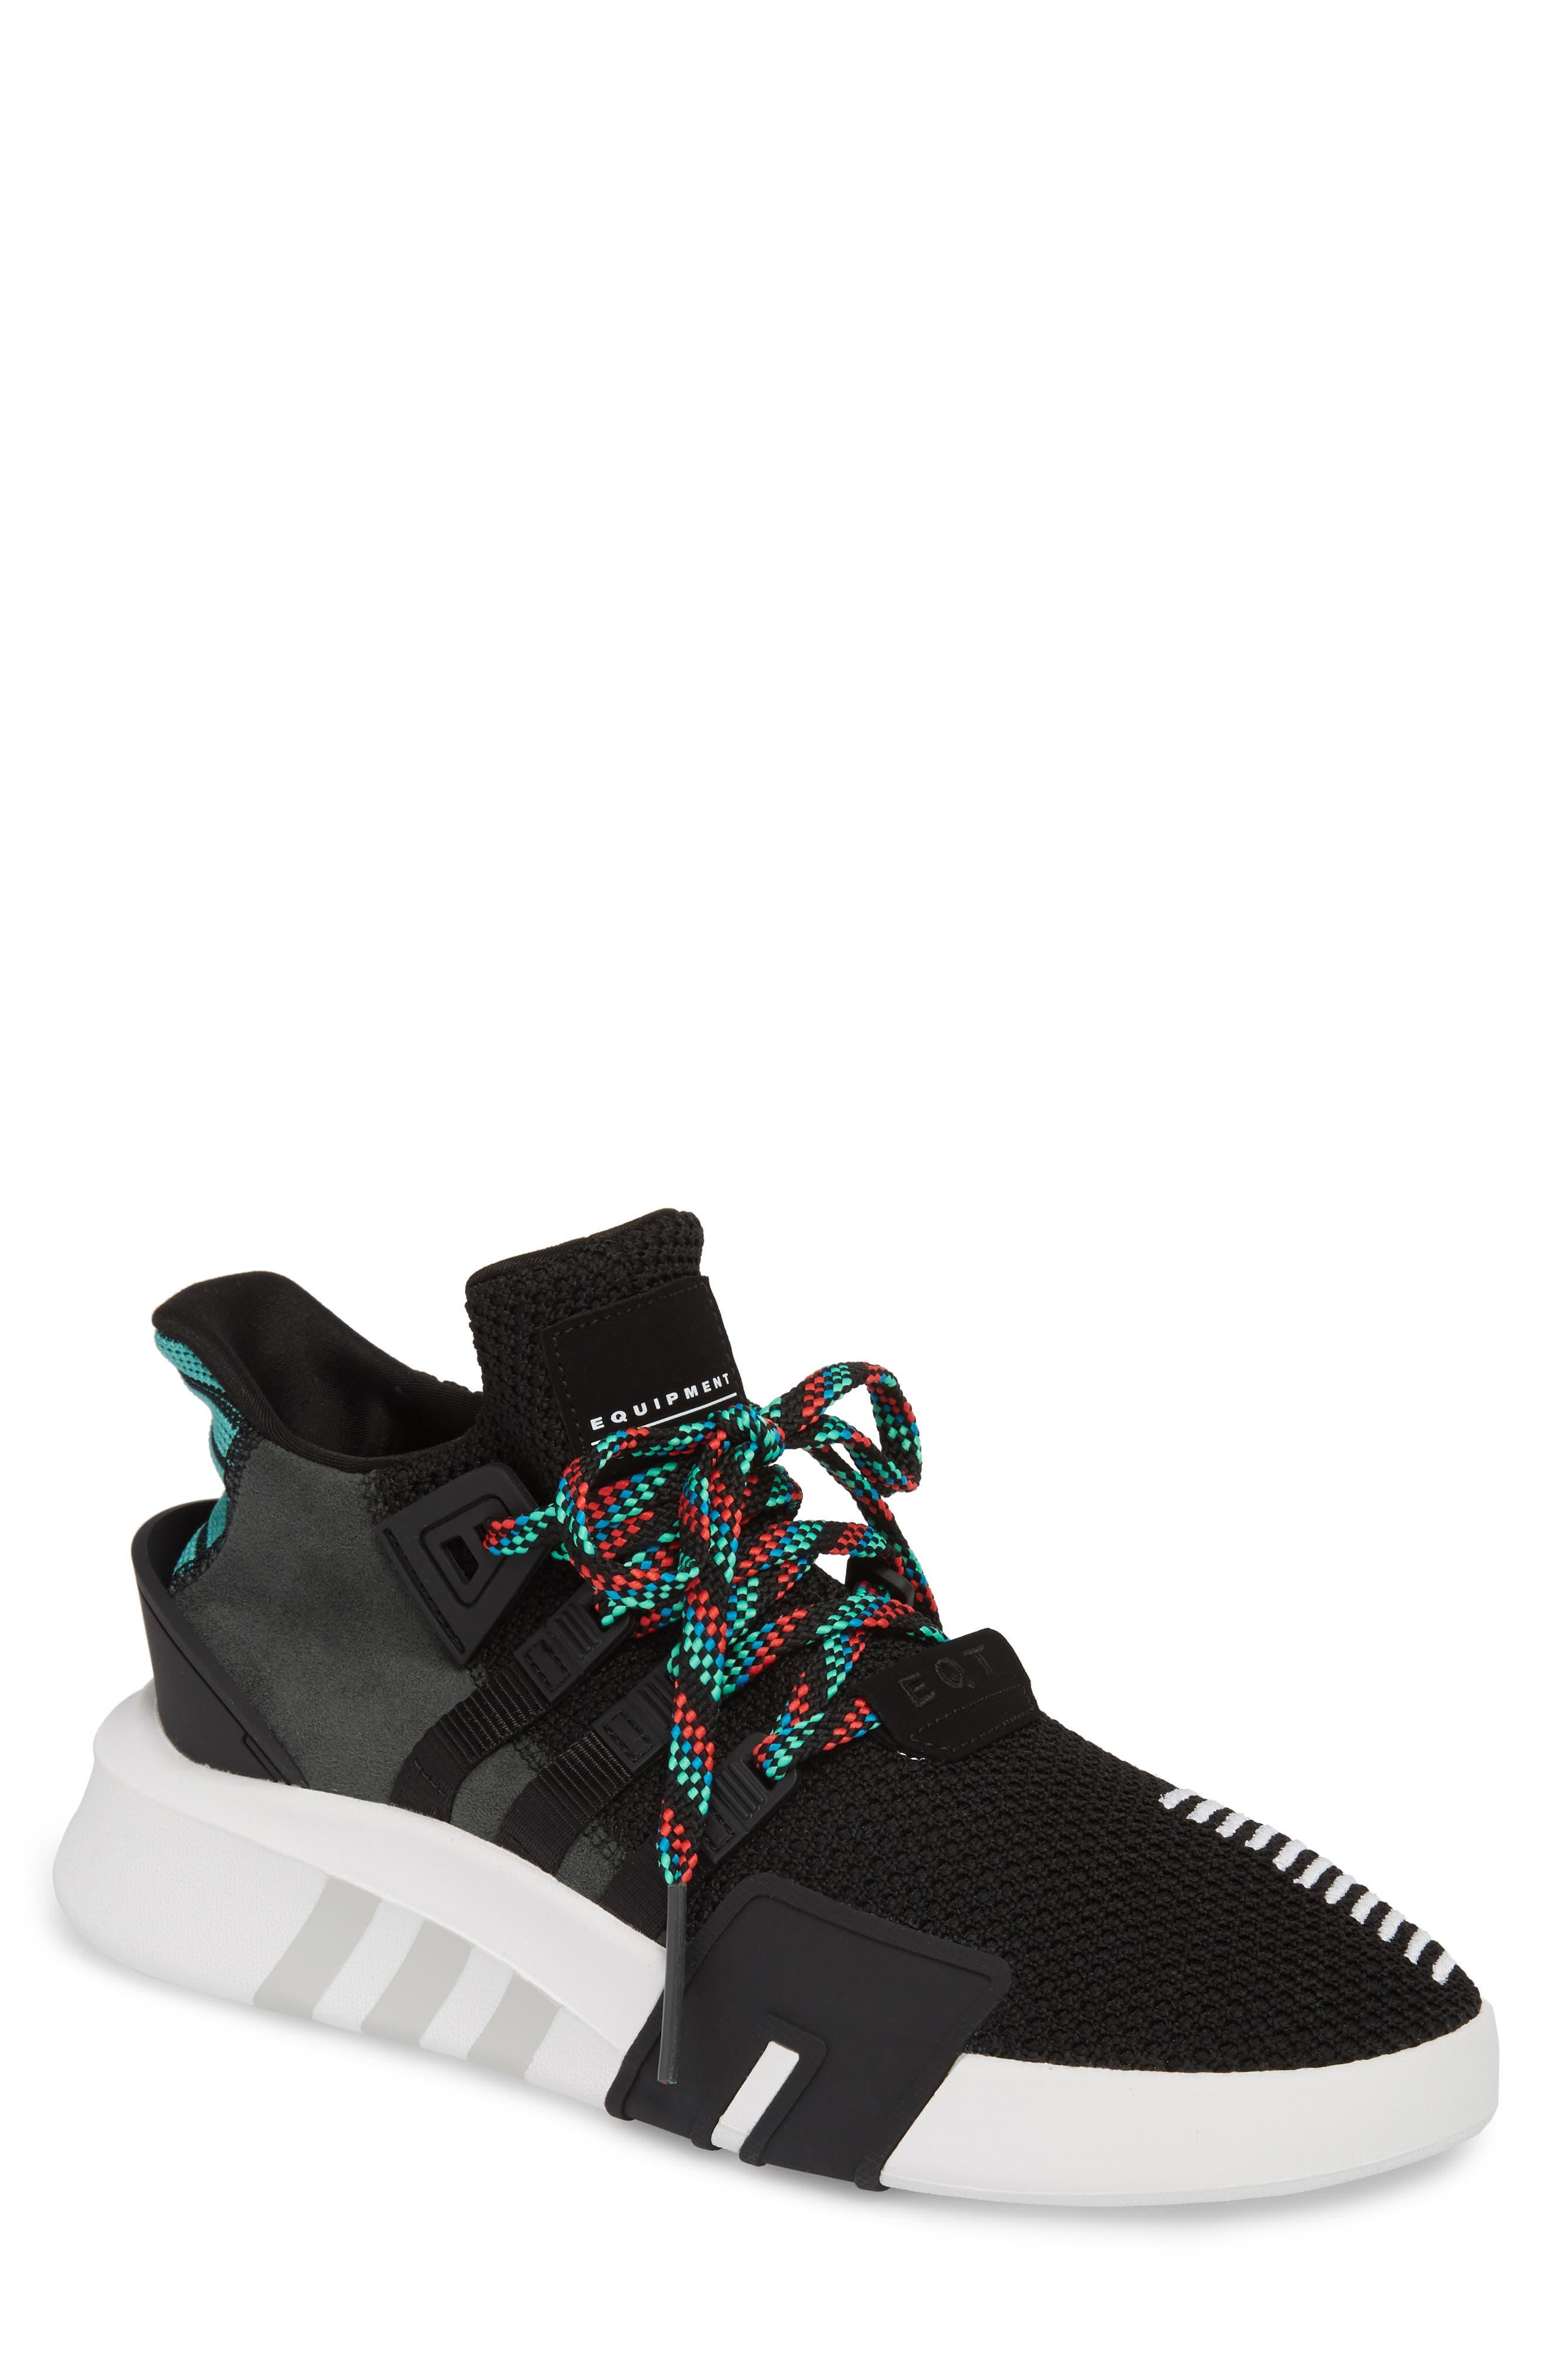 EQT Basketball ADV Sneaker,                             Main thumbnail 1, color,                             Core Black/ Sub Green